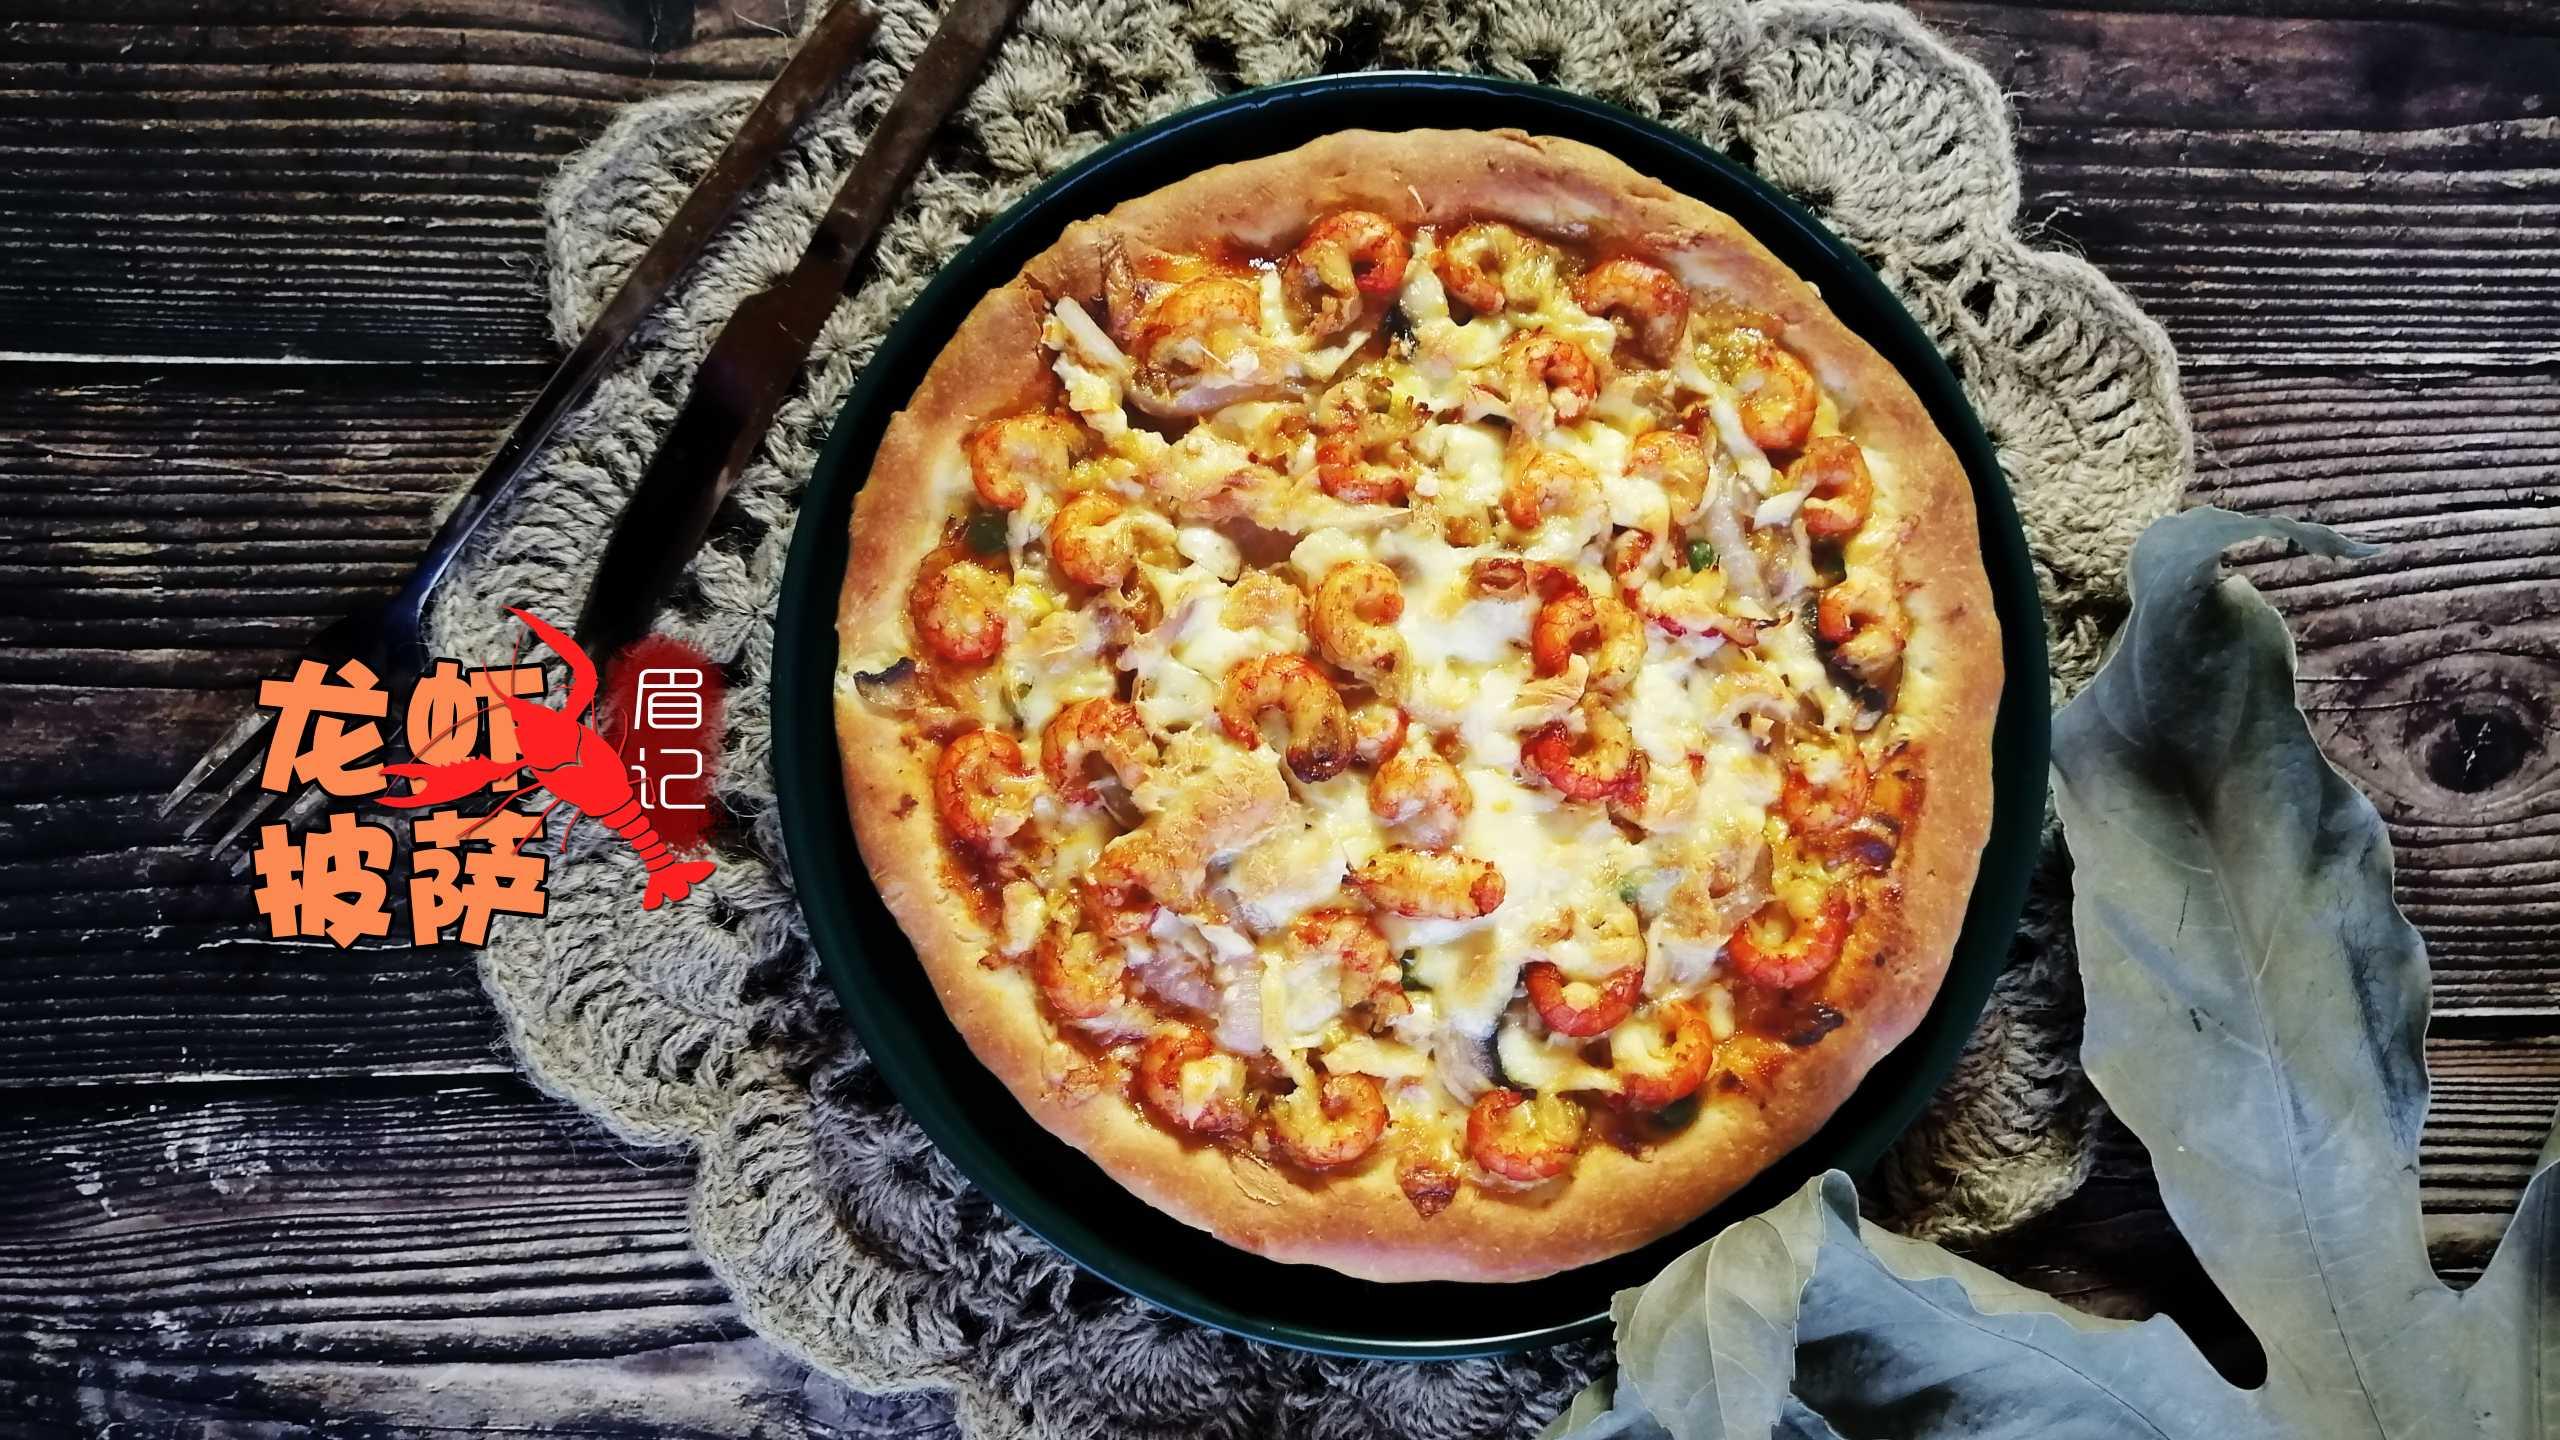 龙虾披萨的步骤